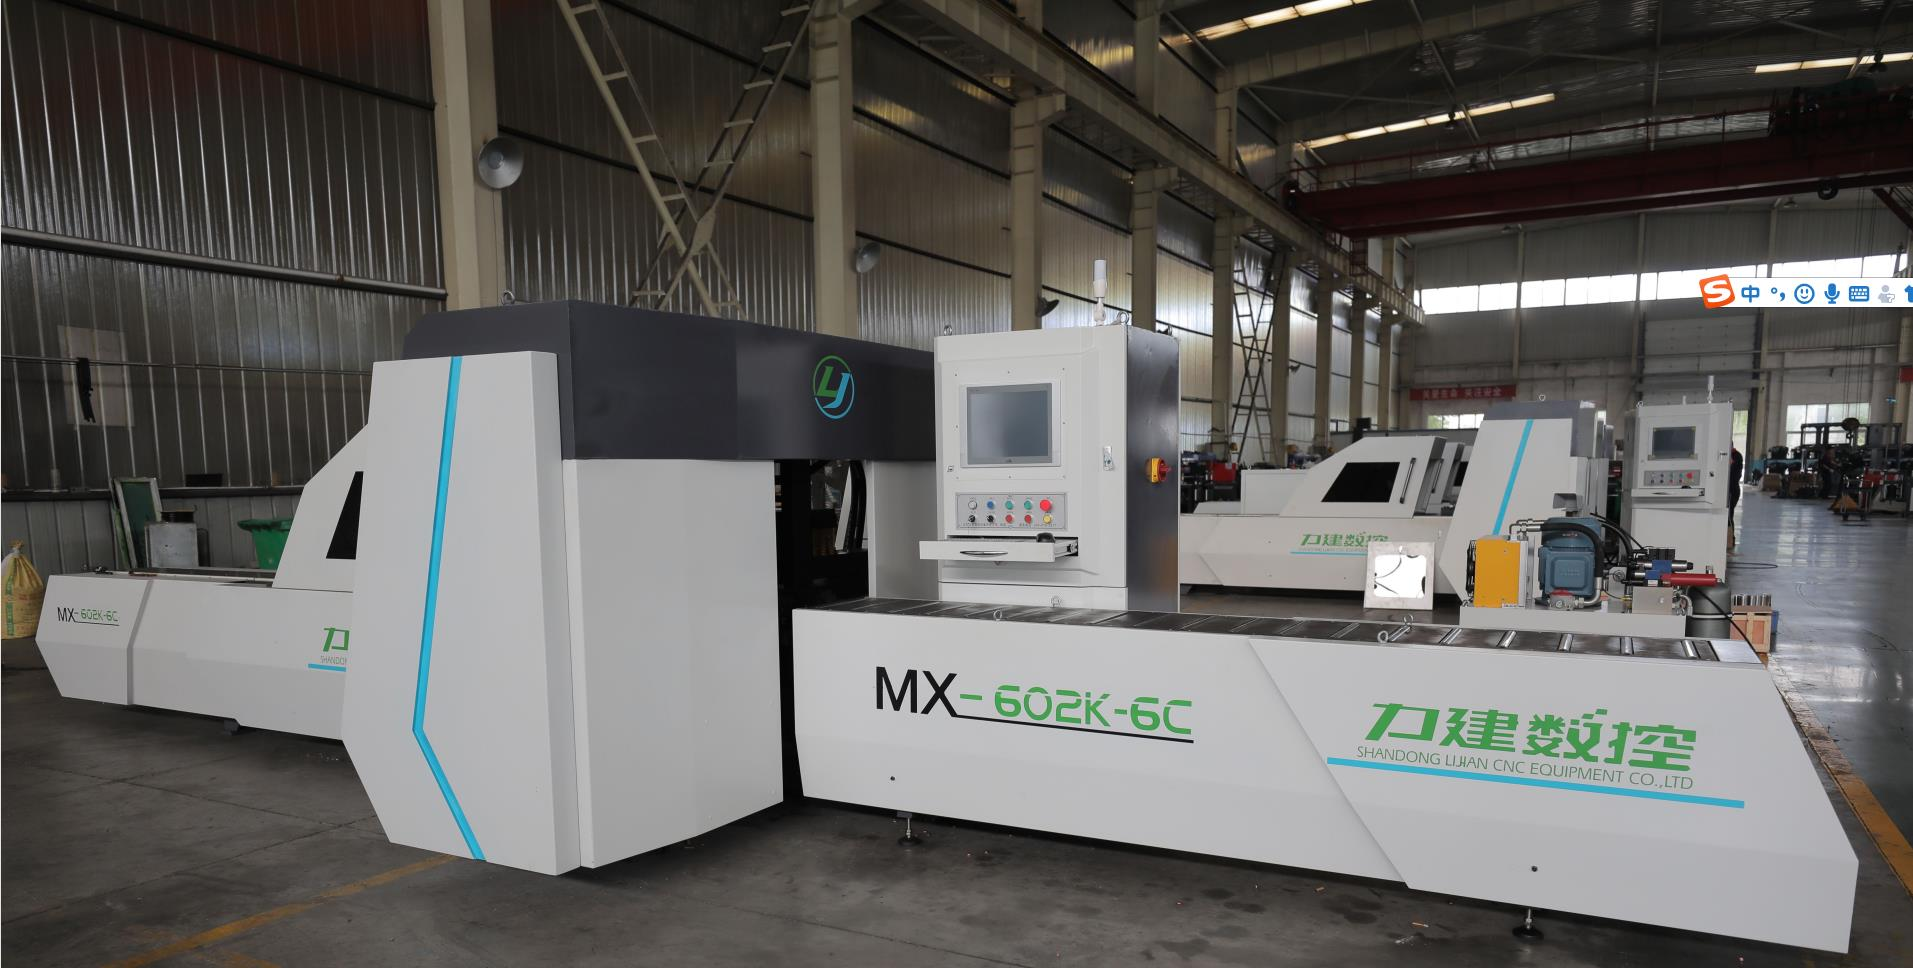 MX402K-7C copper busbar processing machine CNC punching cutting machine for copper busbar